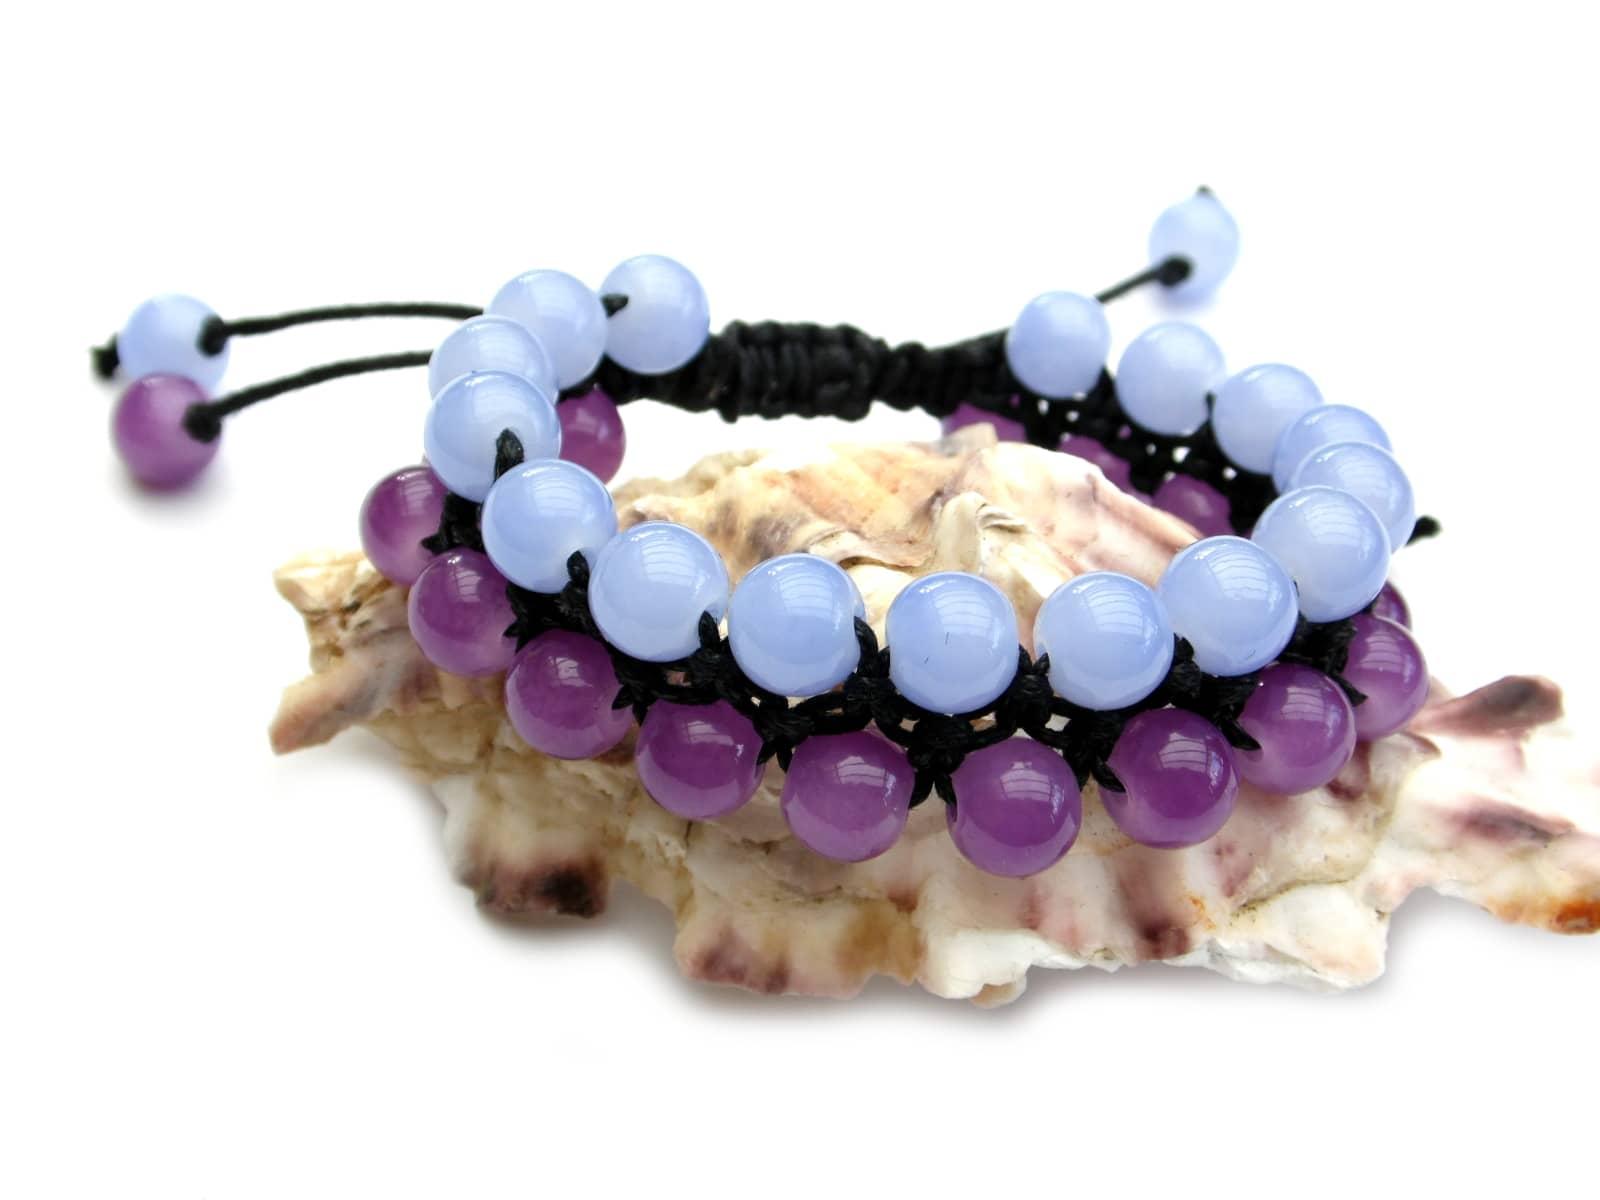 Bransoletka makramowa dwurzędowa z kwarcu w kolorach błękitnym i fioletowym